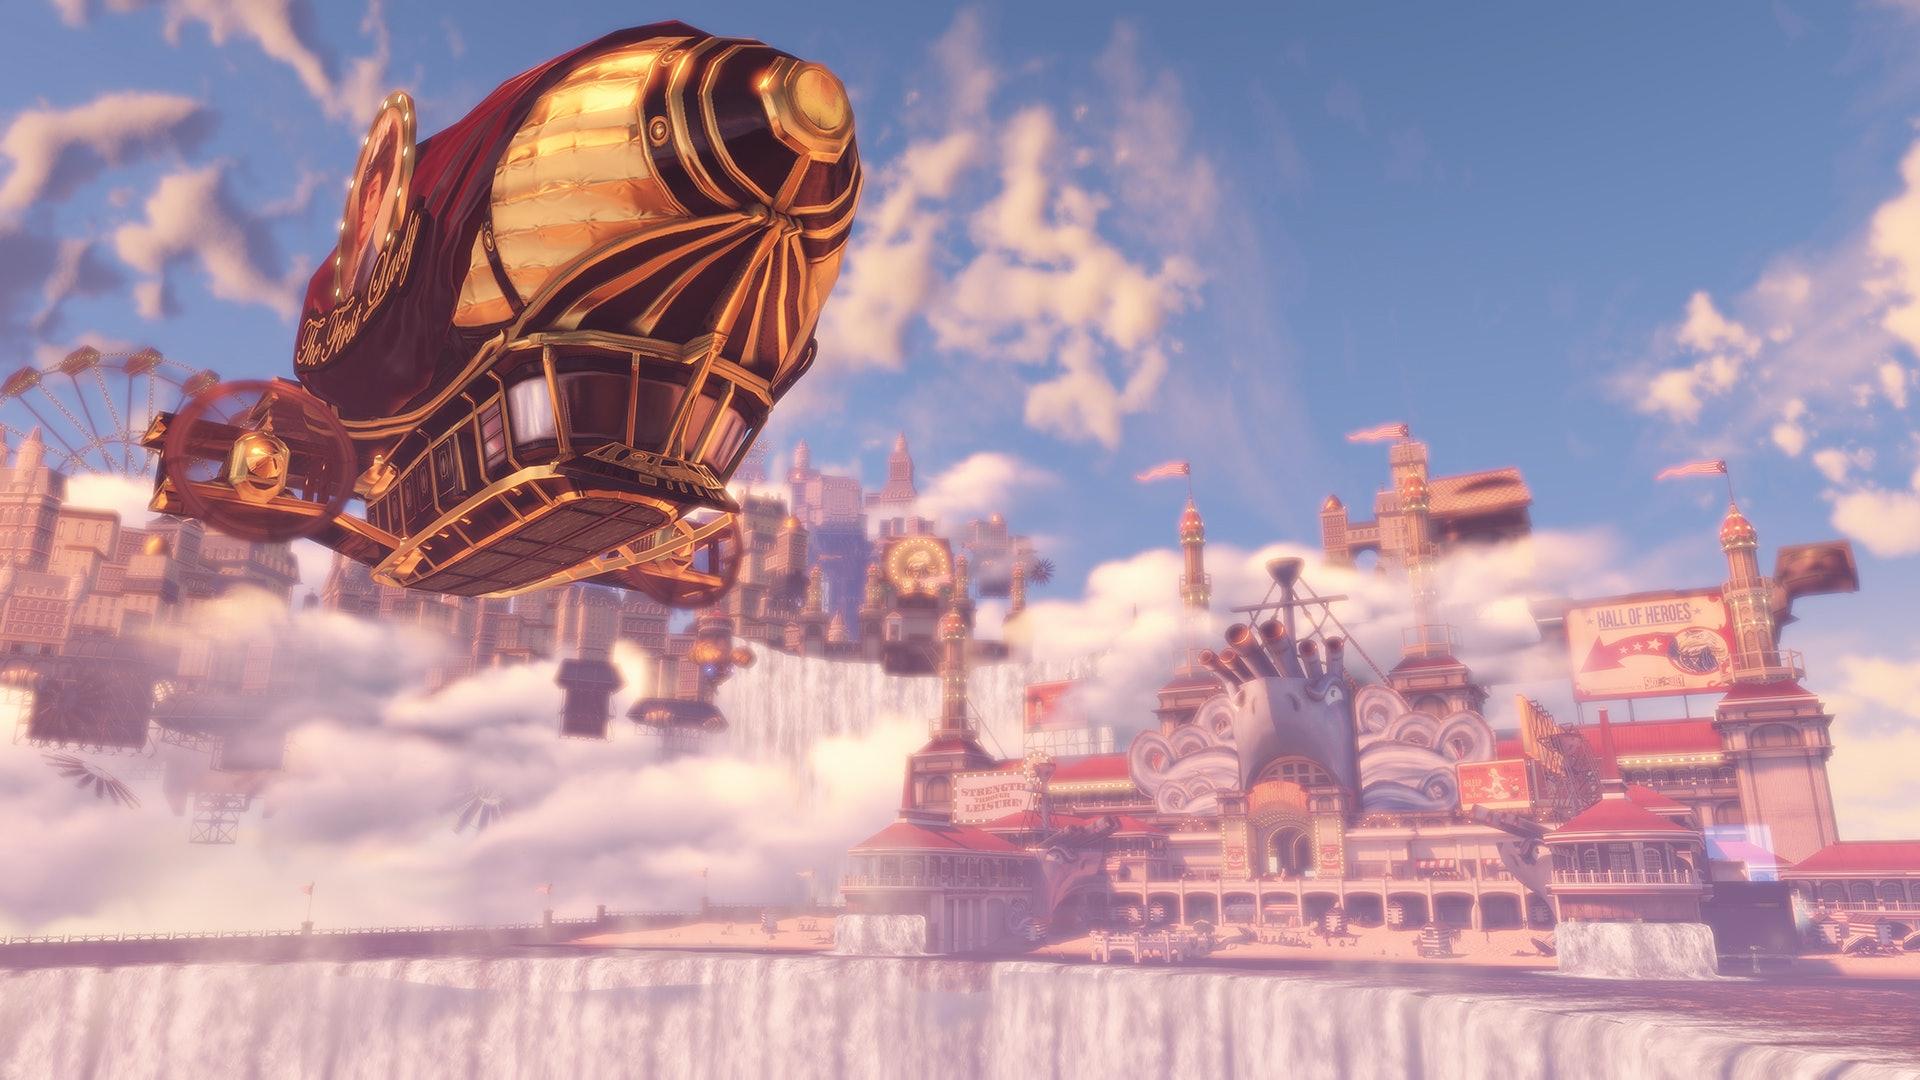 BioShock Infinite Columbia quantum levitation